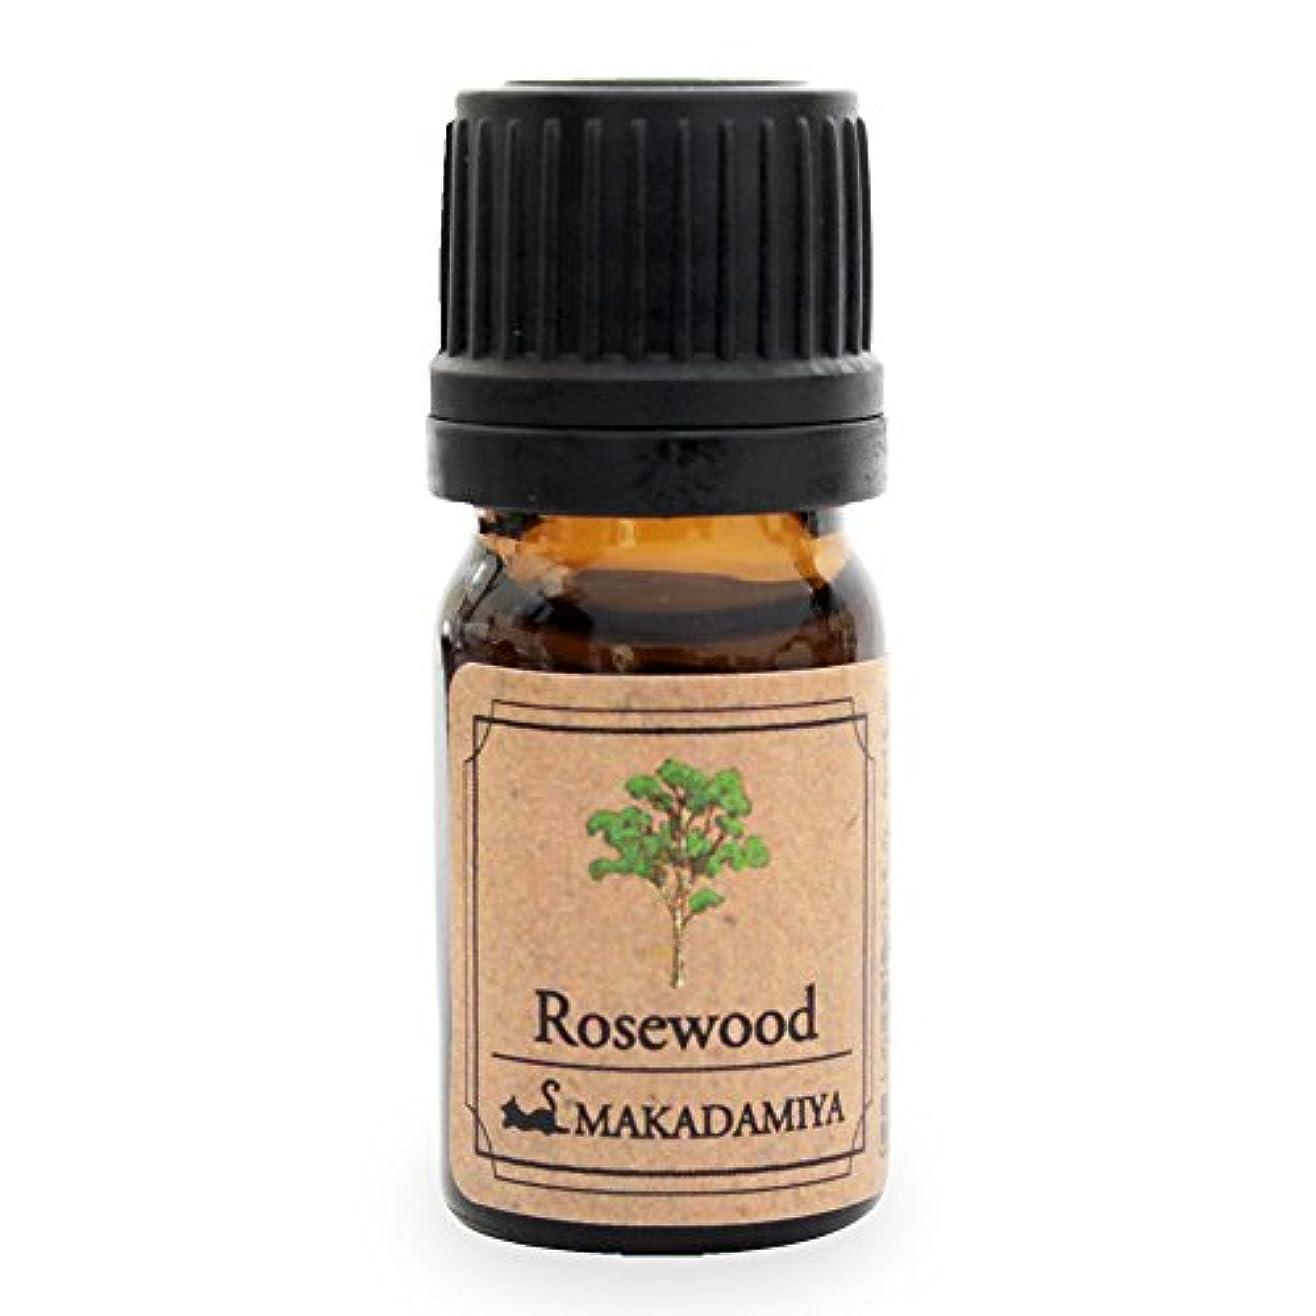 サーフィン祈る心理的にローズウッド5ml 天然100%植物性 エッセンシャルオイル(精油) アロマオイル アロママッサージ aroma Rosewood